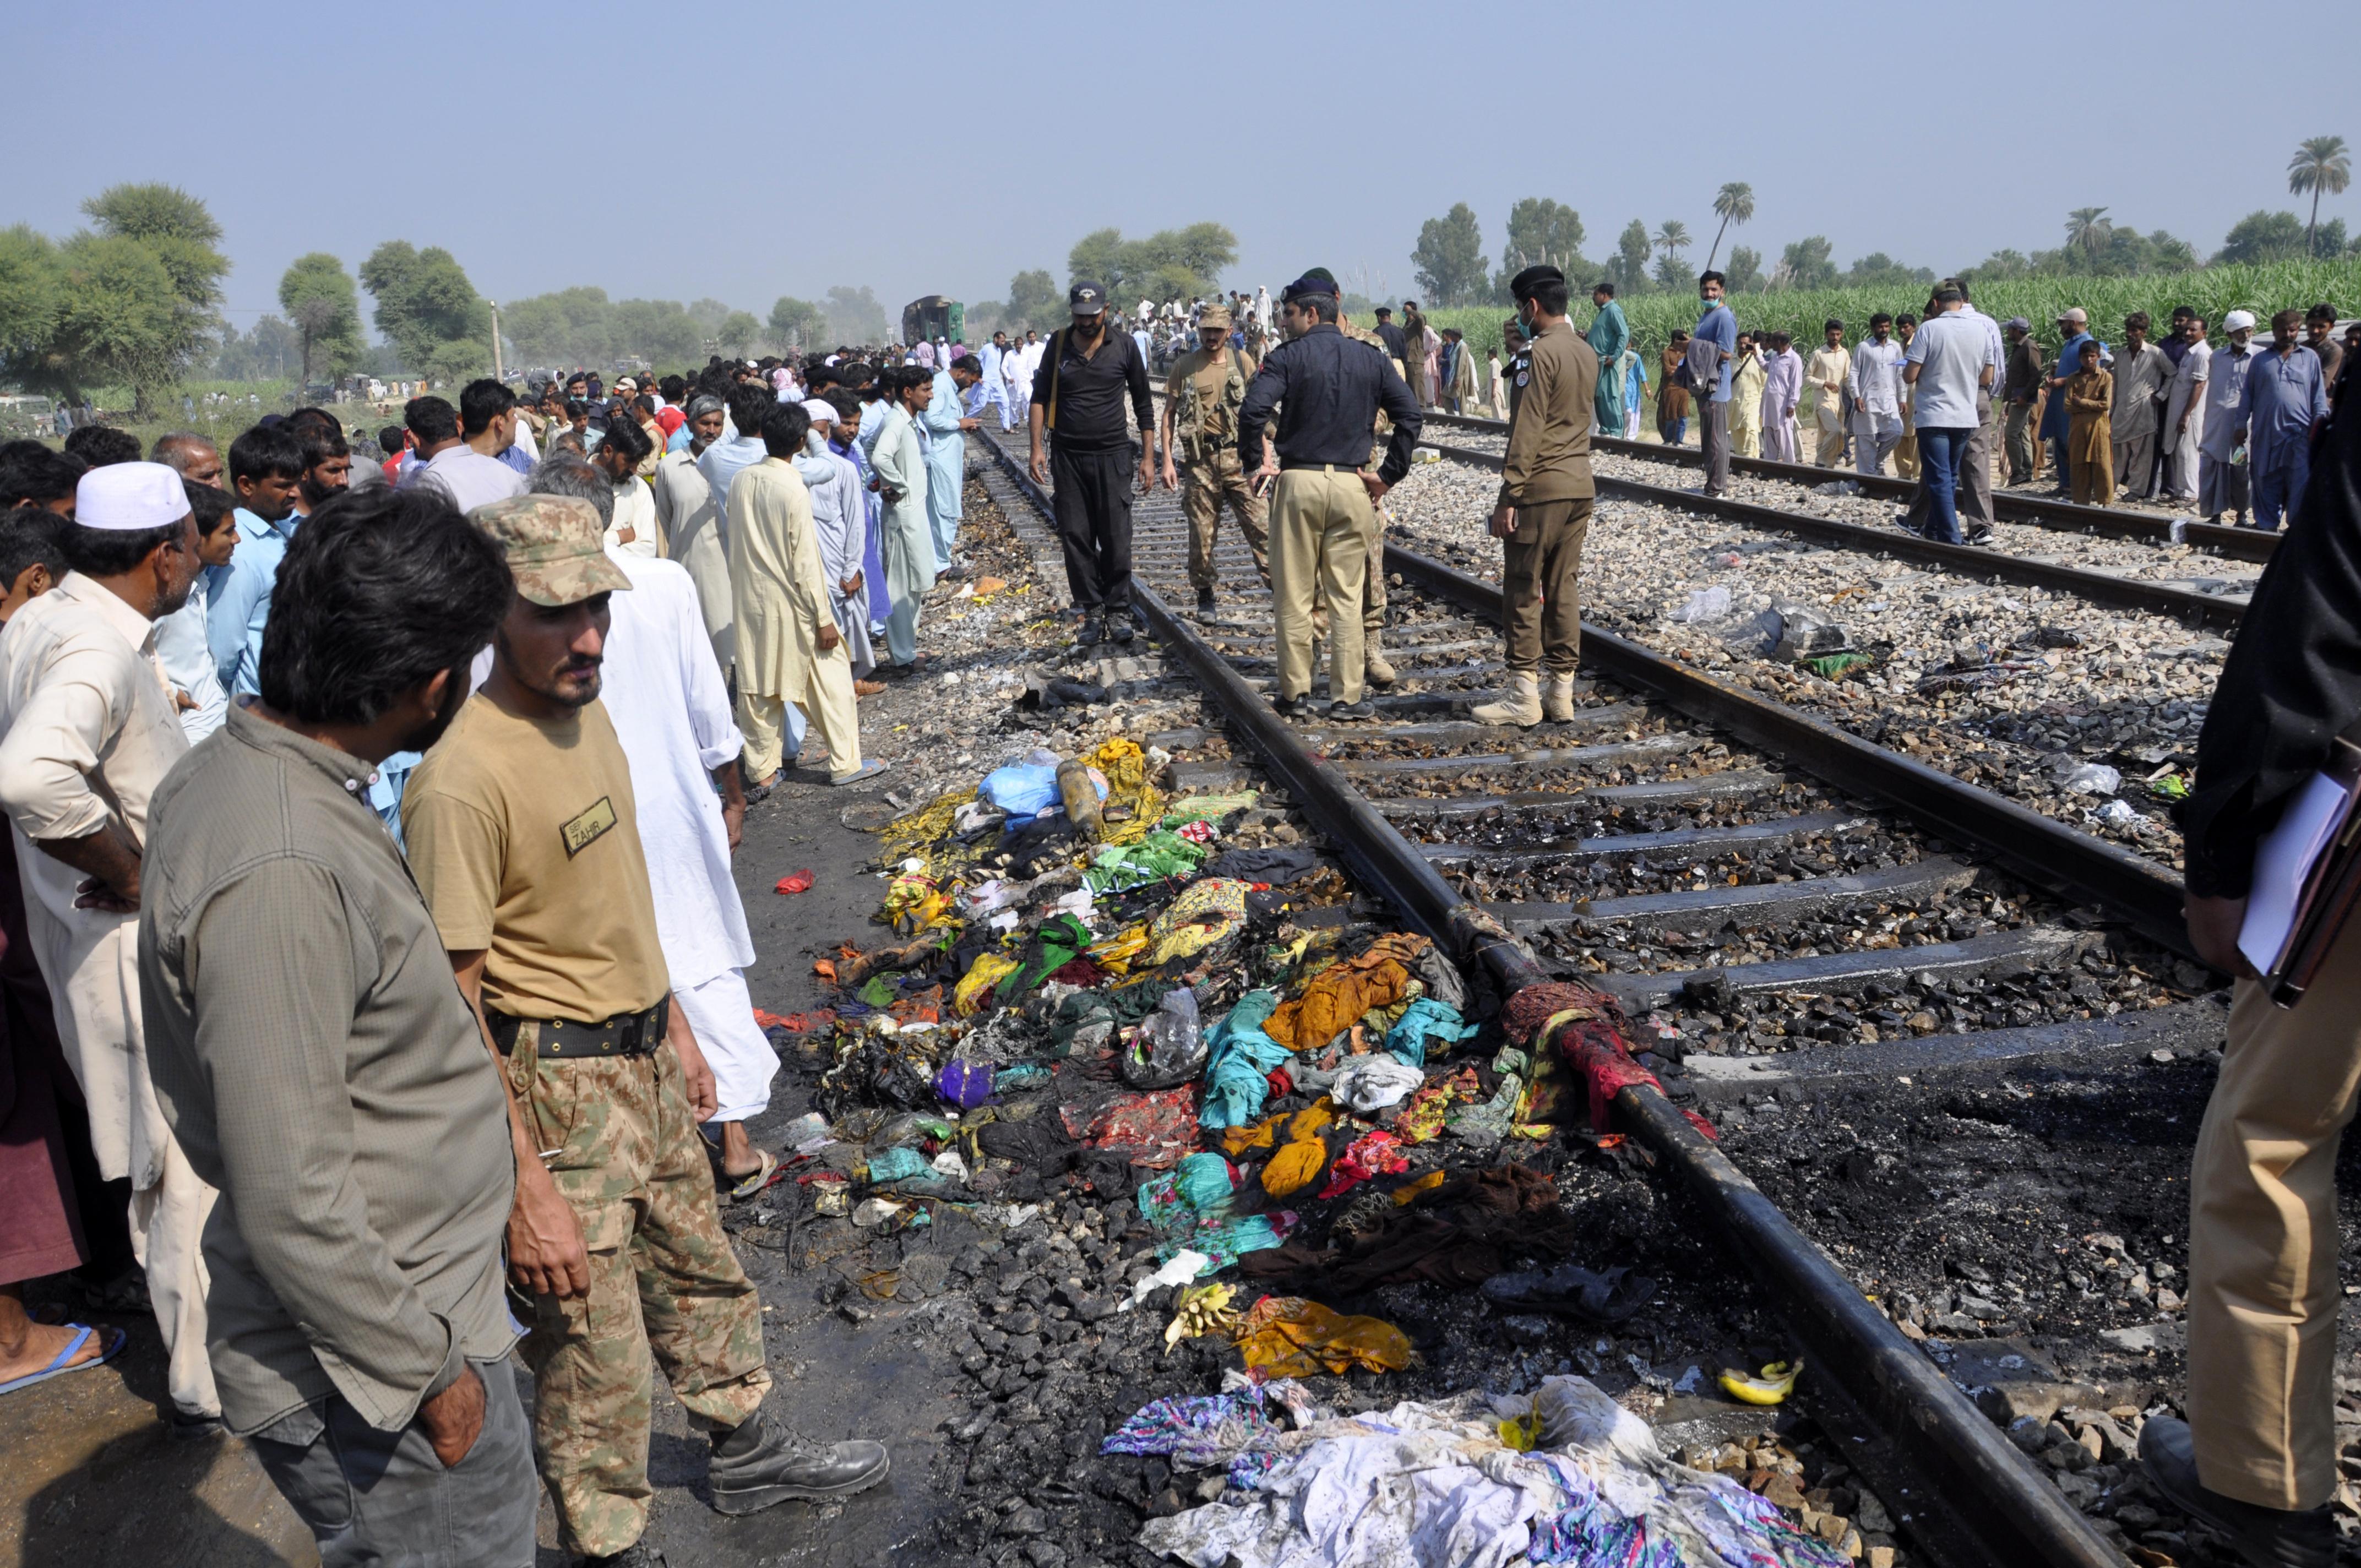 Soldados y funcionarios pakistaníes examinan un tren dañado por un incendio. (Foto AP / Siddique Baluch)